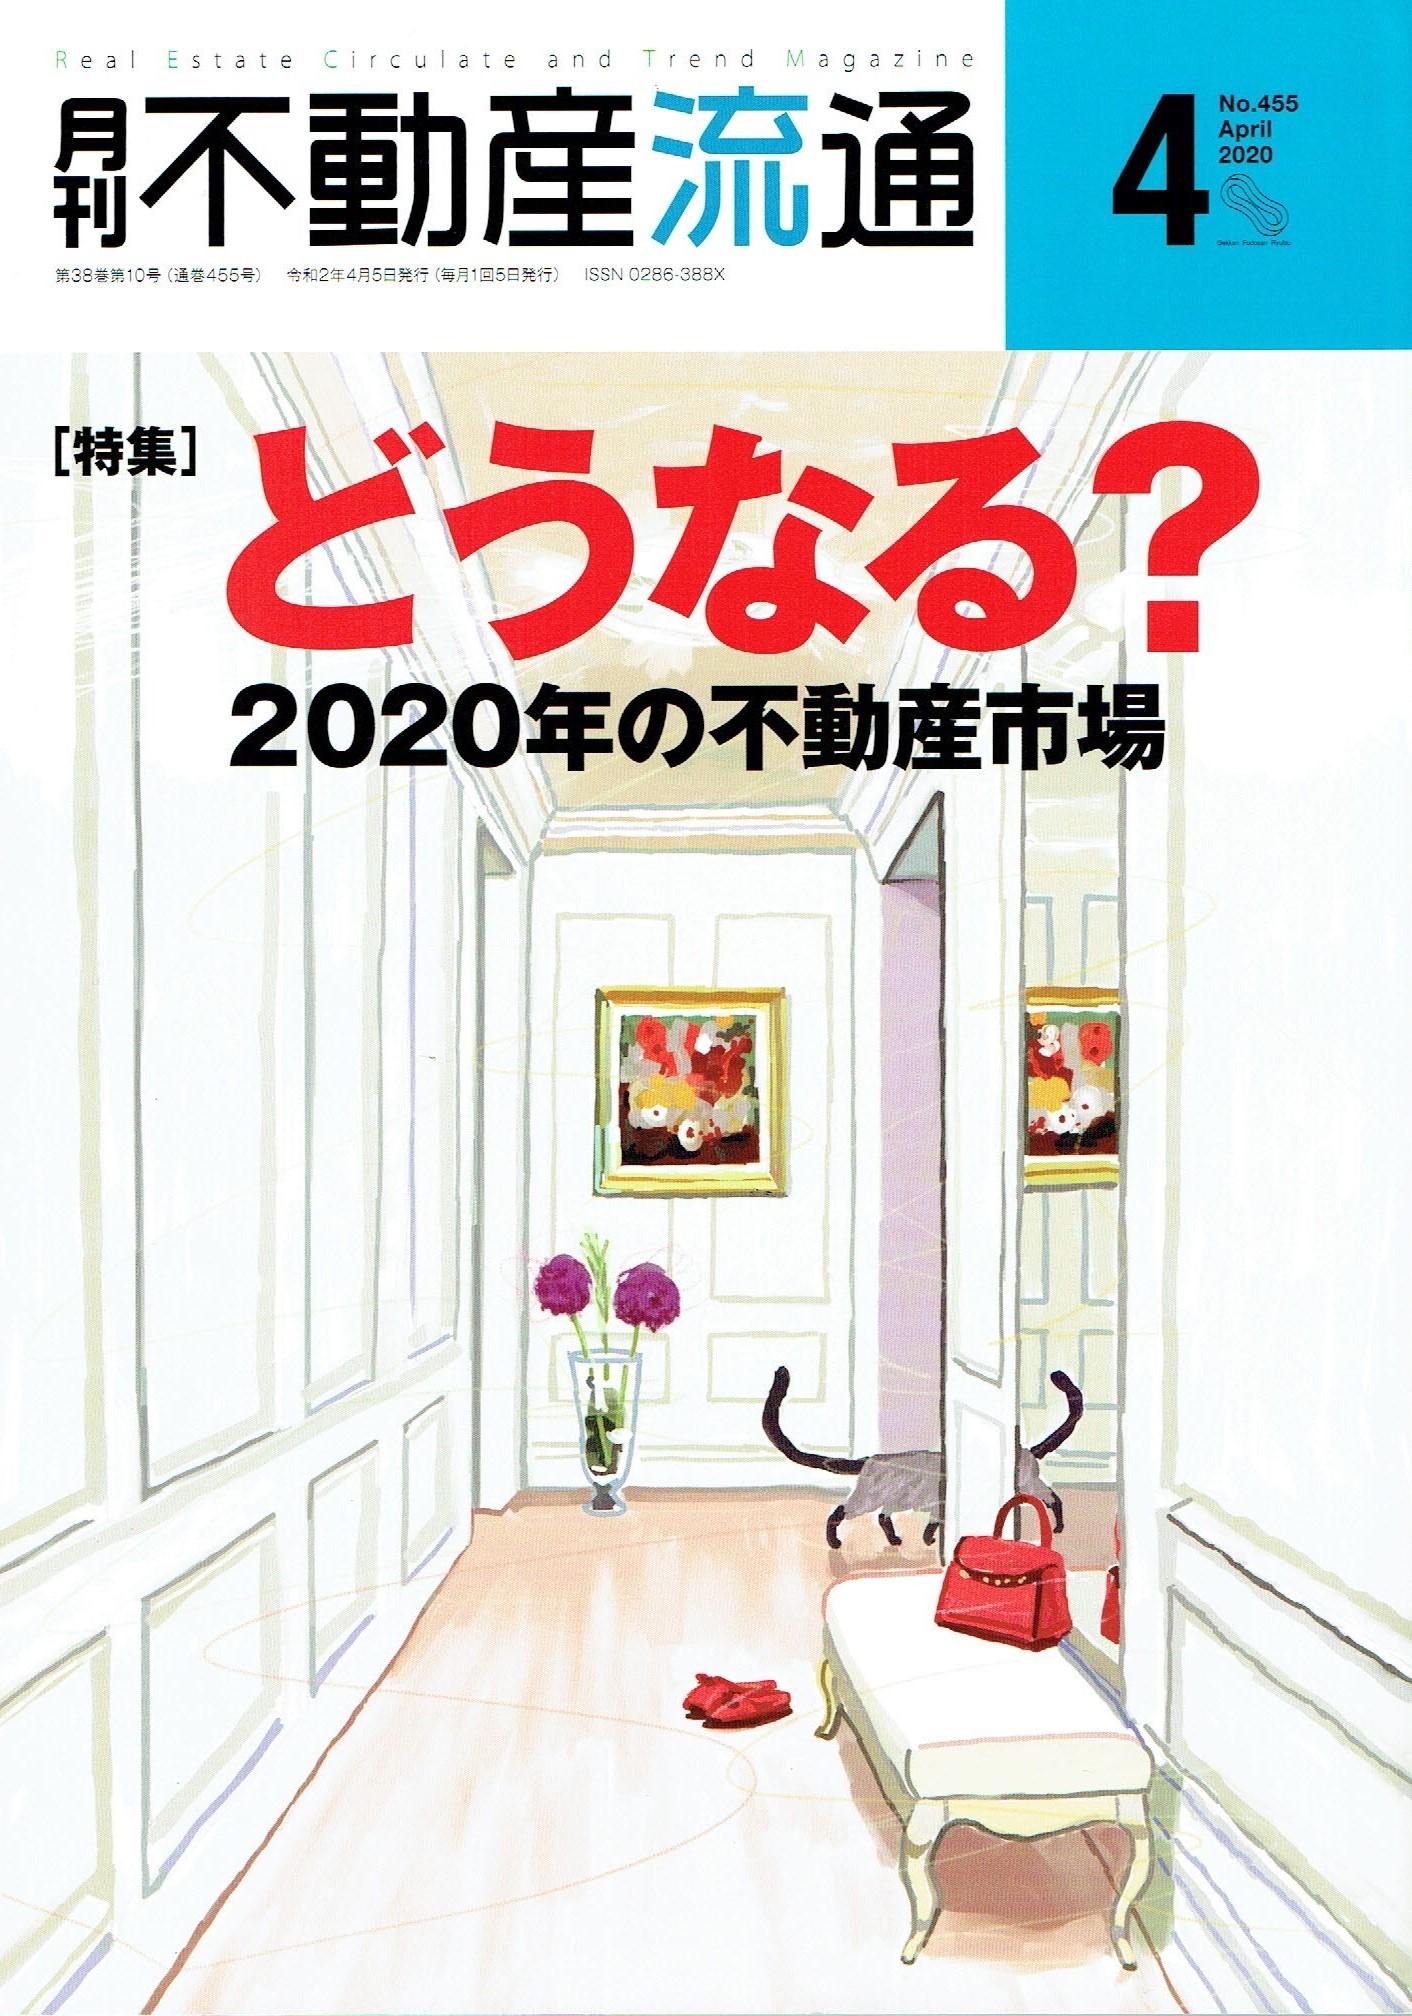 月刊不動産流通4月号表紙 20200304